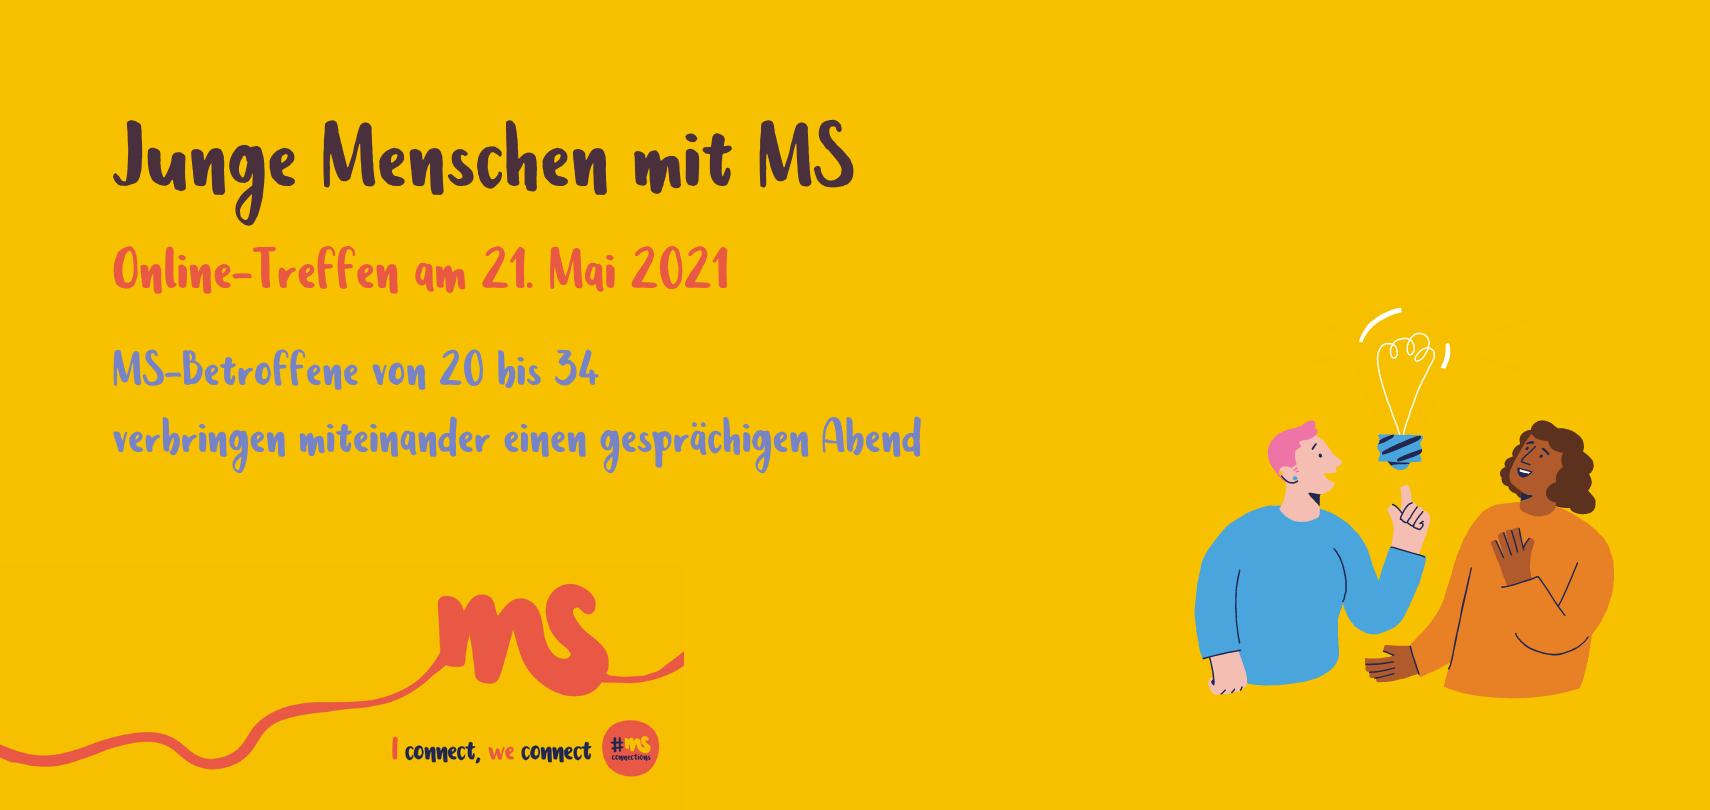 gelber Hintergrund, Text: junge Menschen mit MS. Online-Treffen am 21. Mai 2021